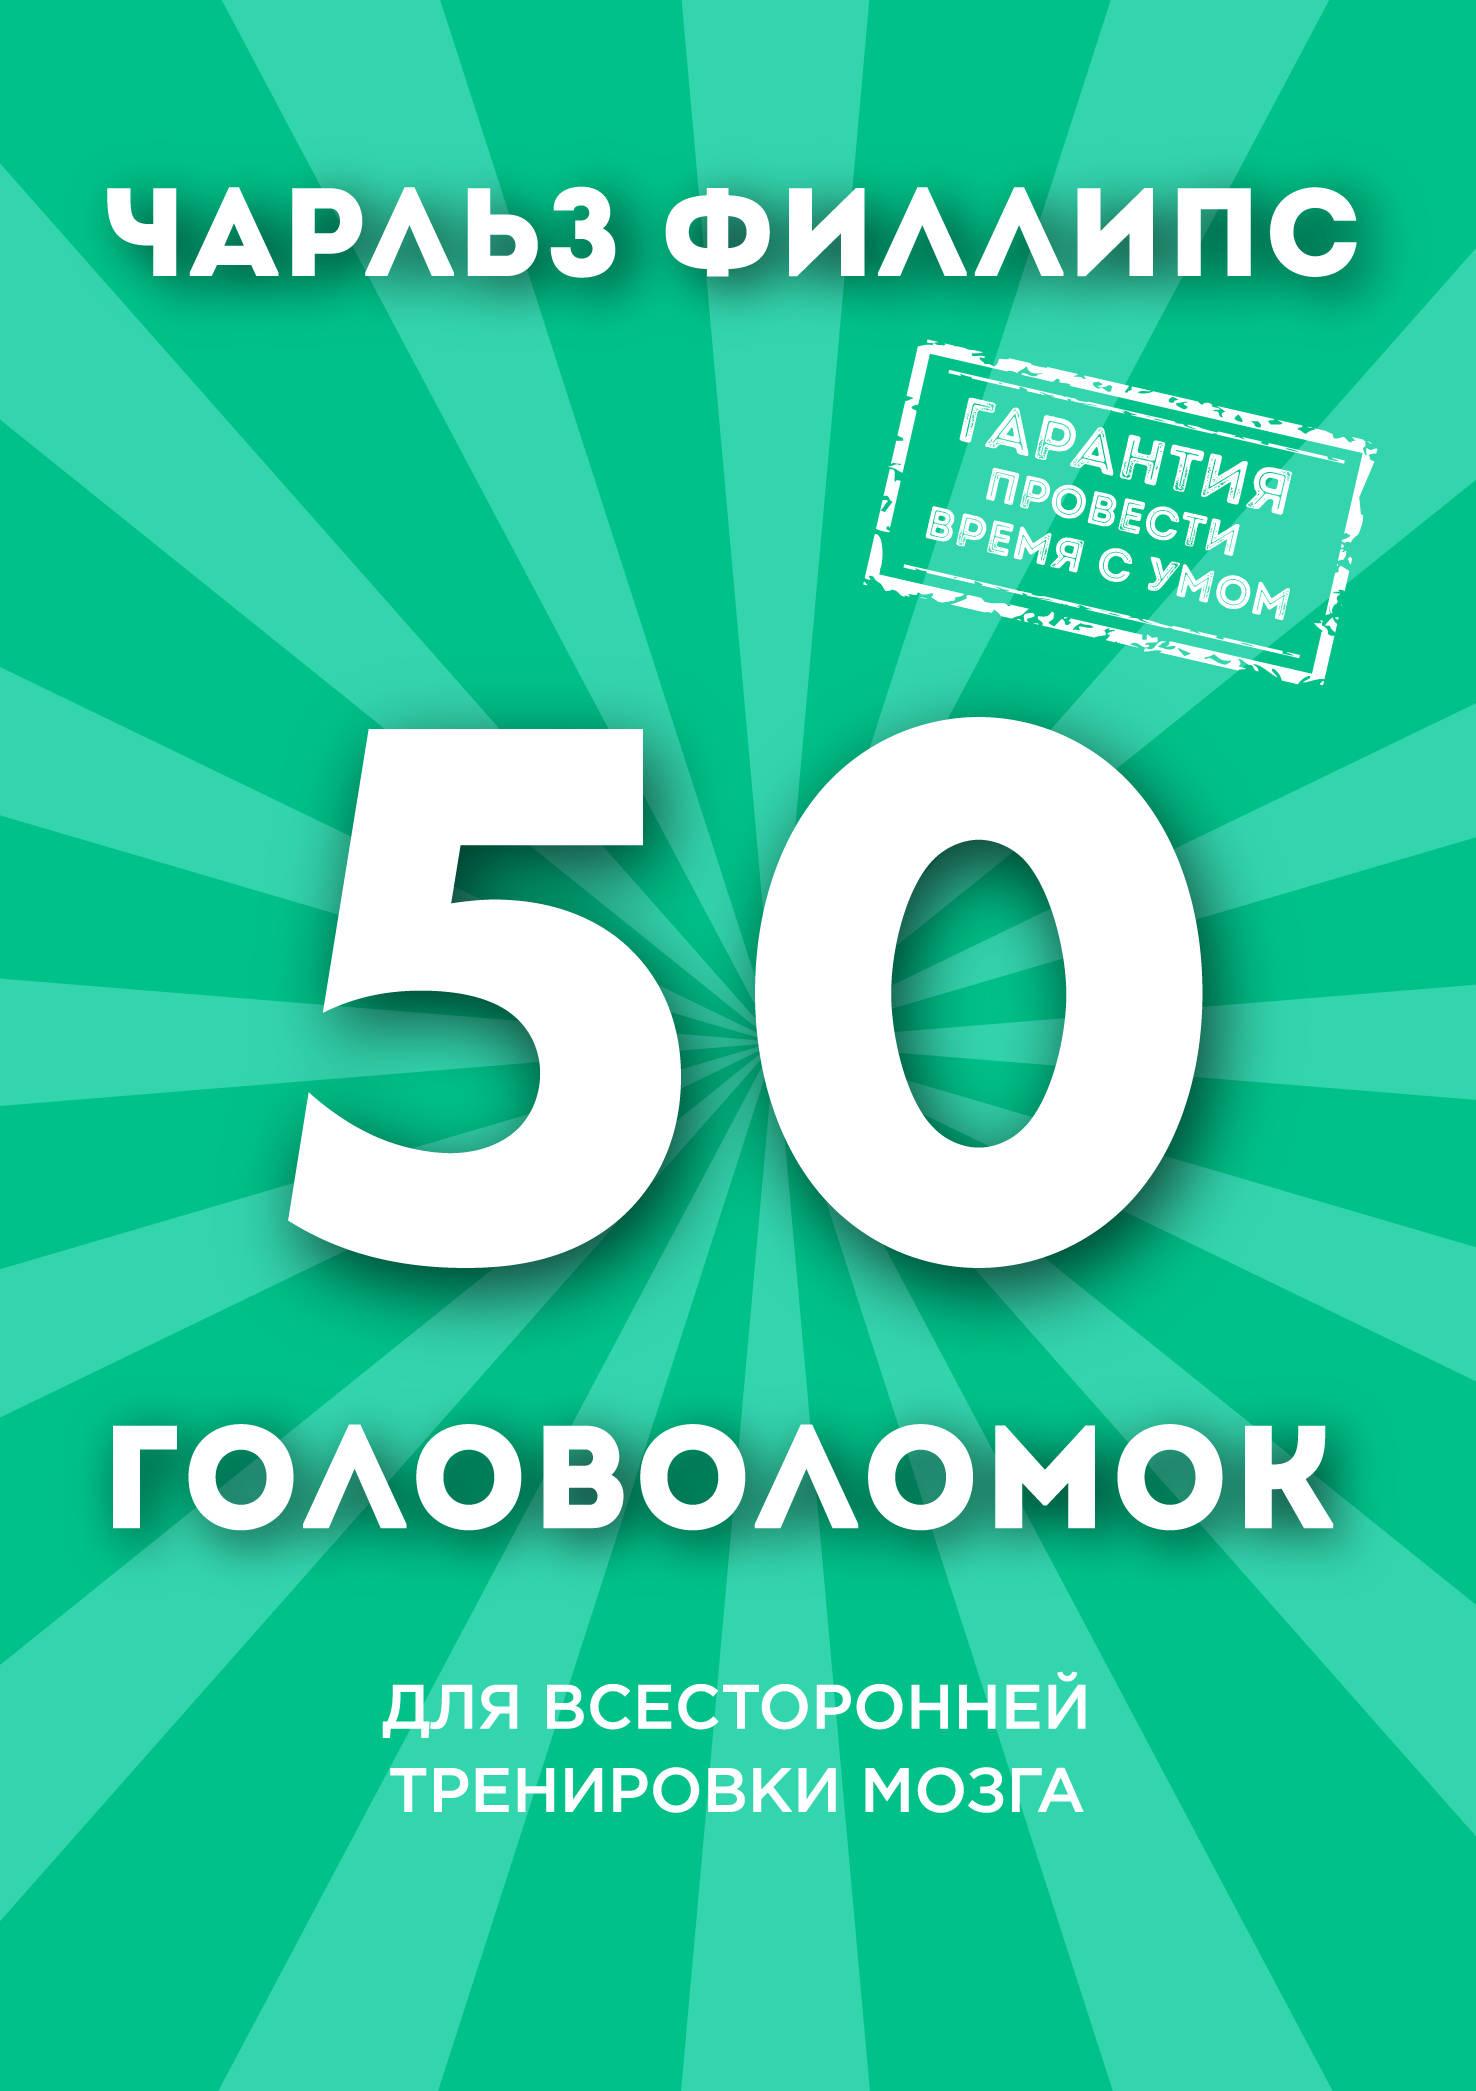 Чарльз Филлипс 50 головоломок для всесторонней тренировки мозга